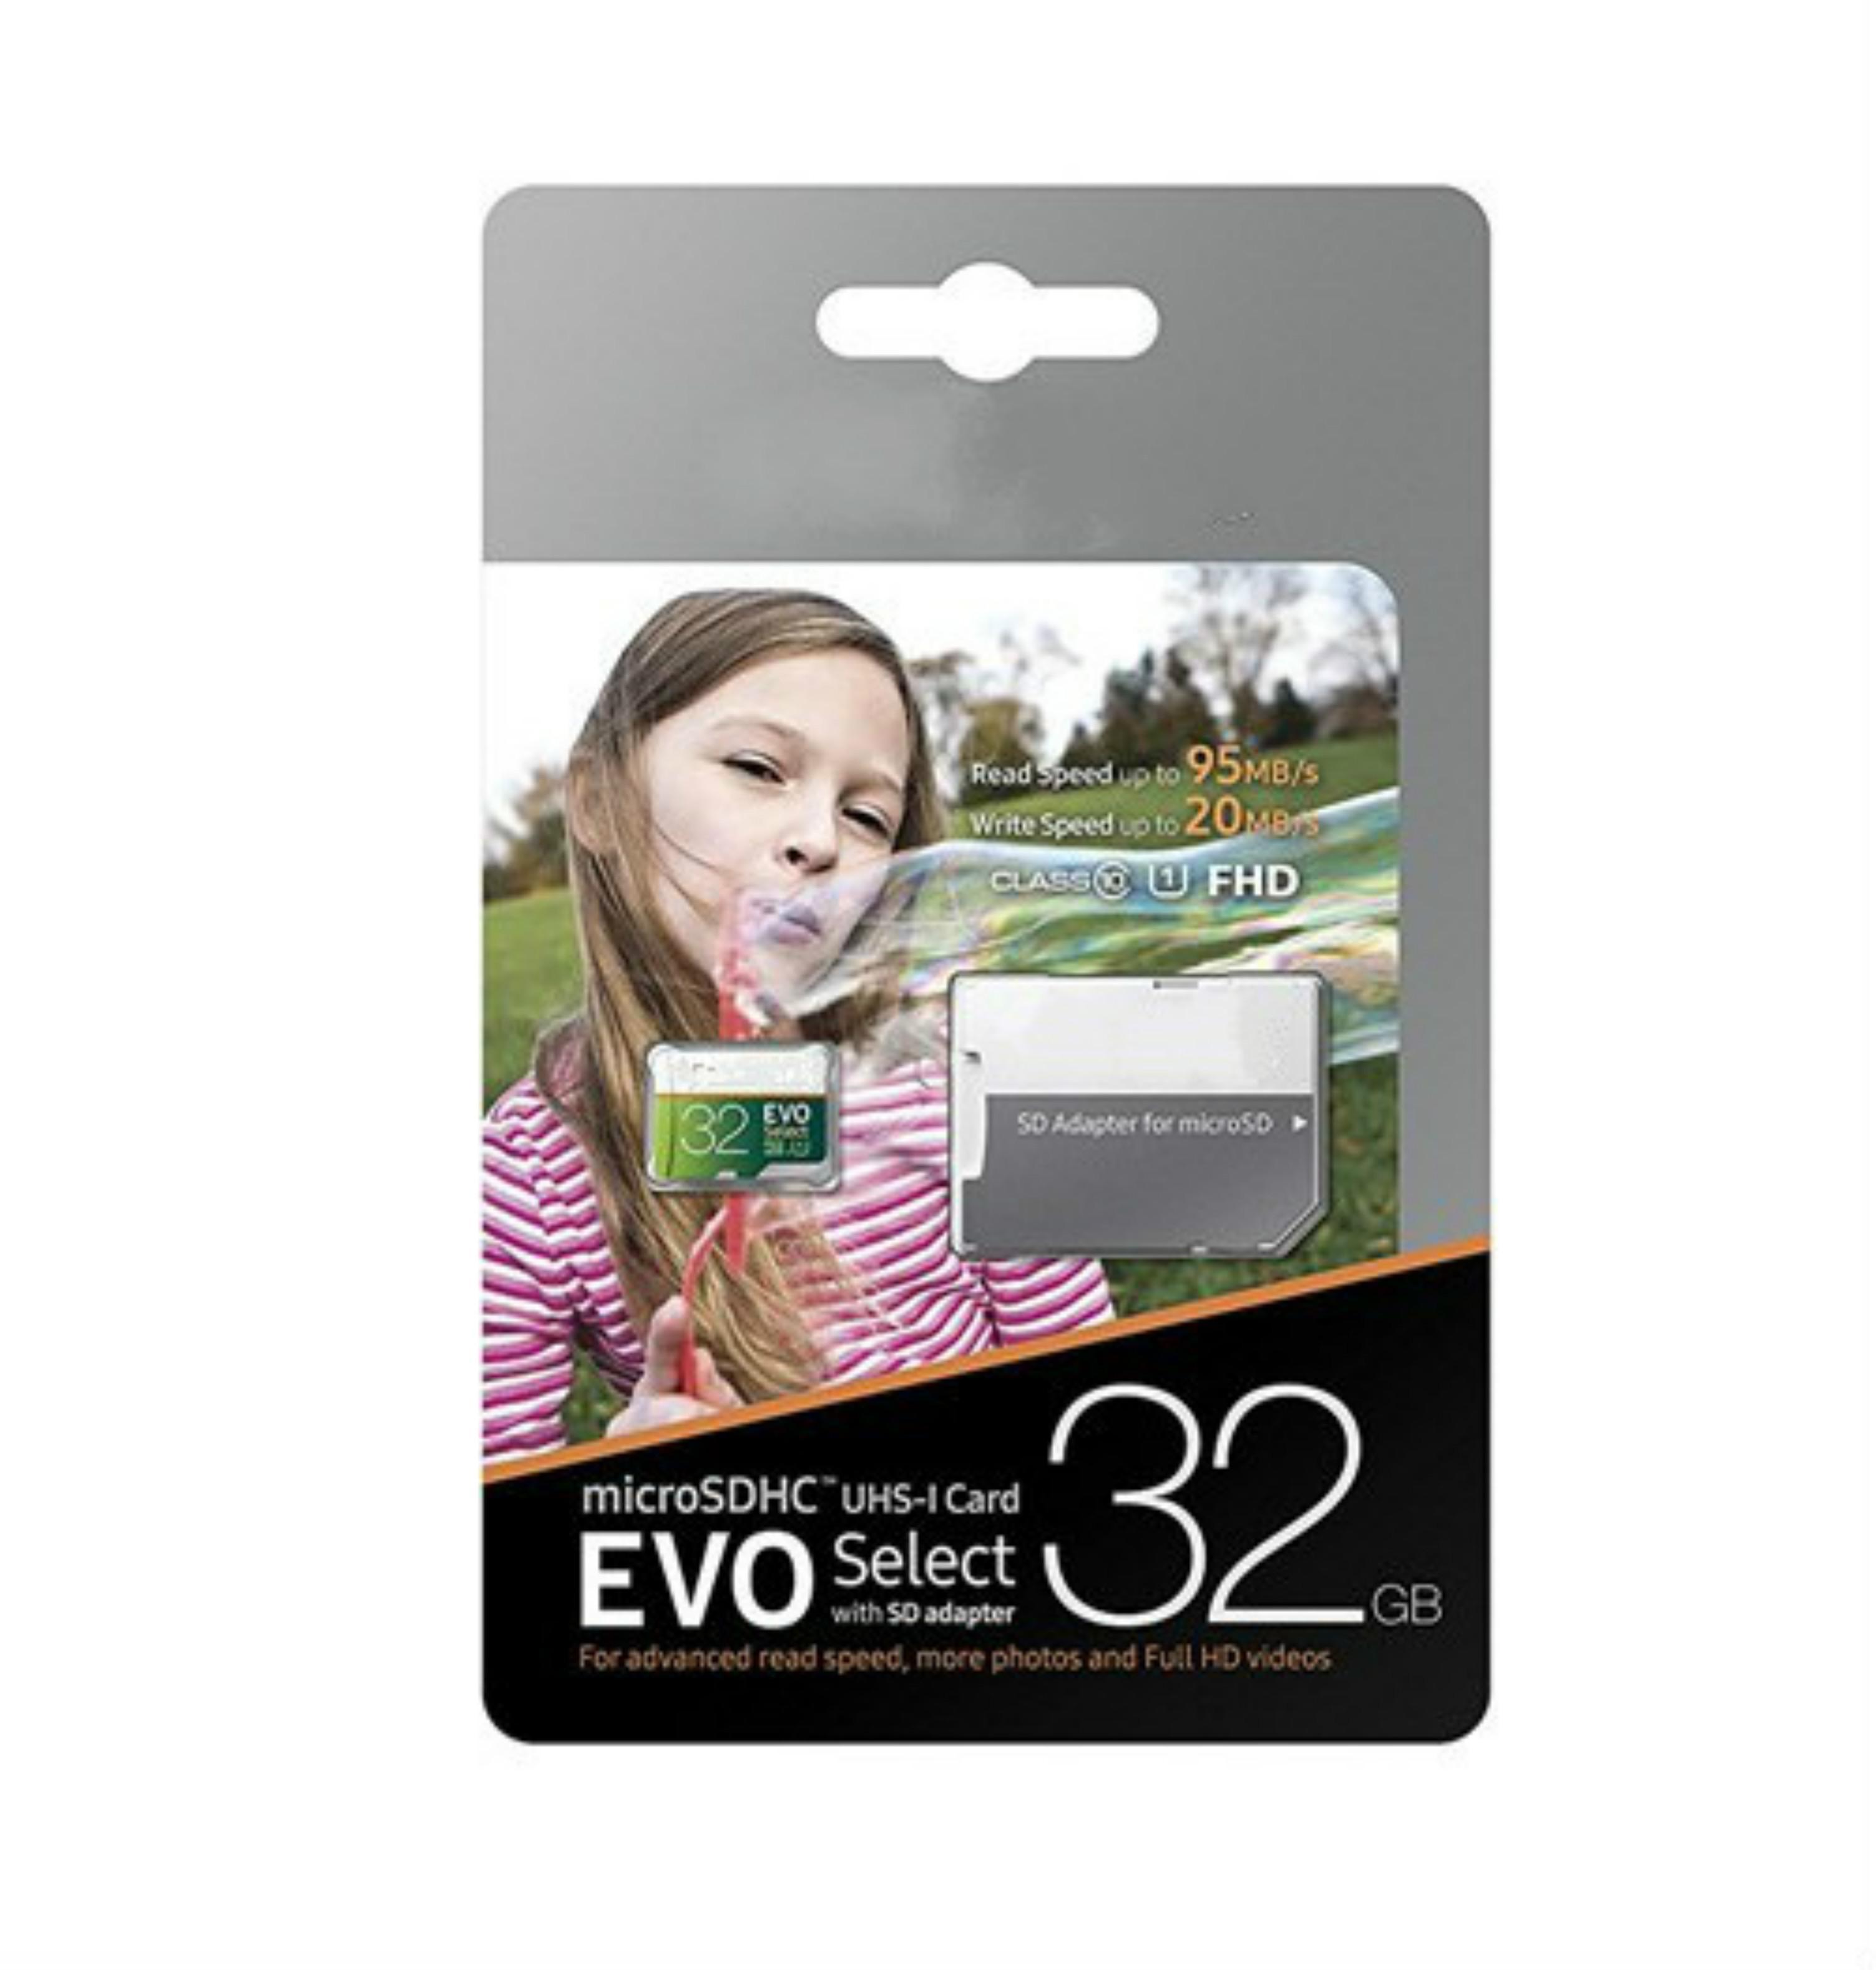 DHL Shipping 8GB / 16GB / 32GB / 64GB / 128GB / 256GB Samsung Evo Выберите Micro SD Card / Smartphone SDXC Кладка для хранения / TF Card / Карта памяти 100 МБ / с